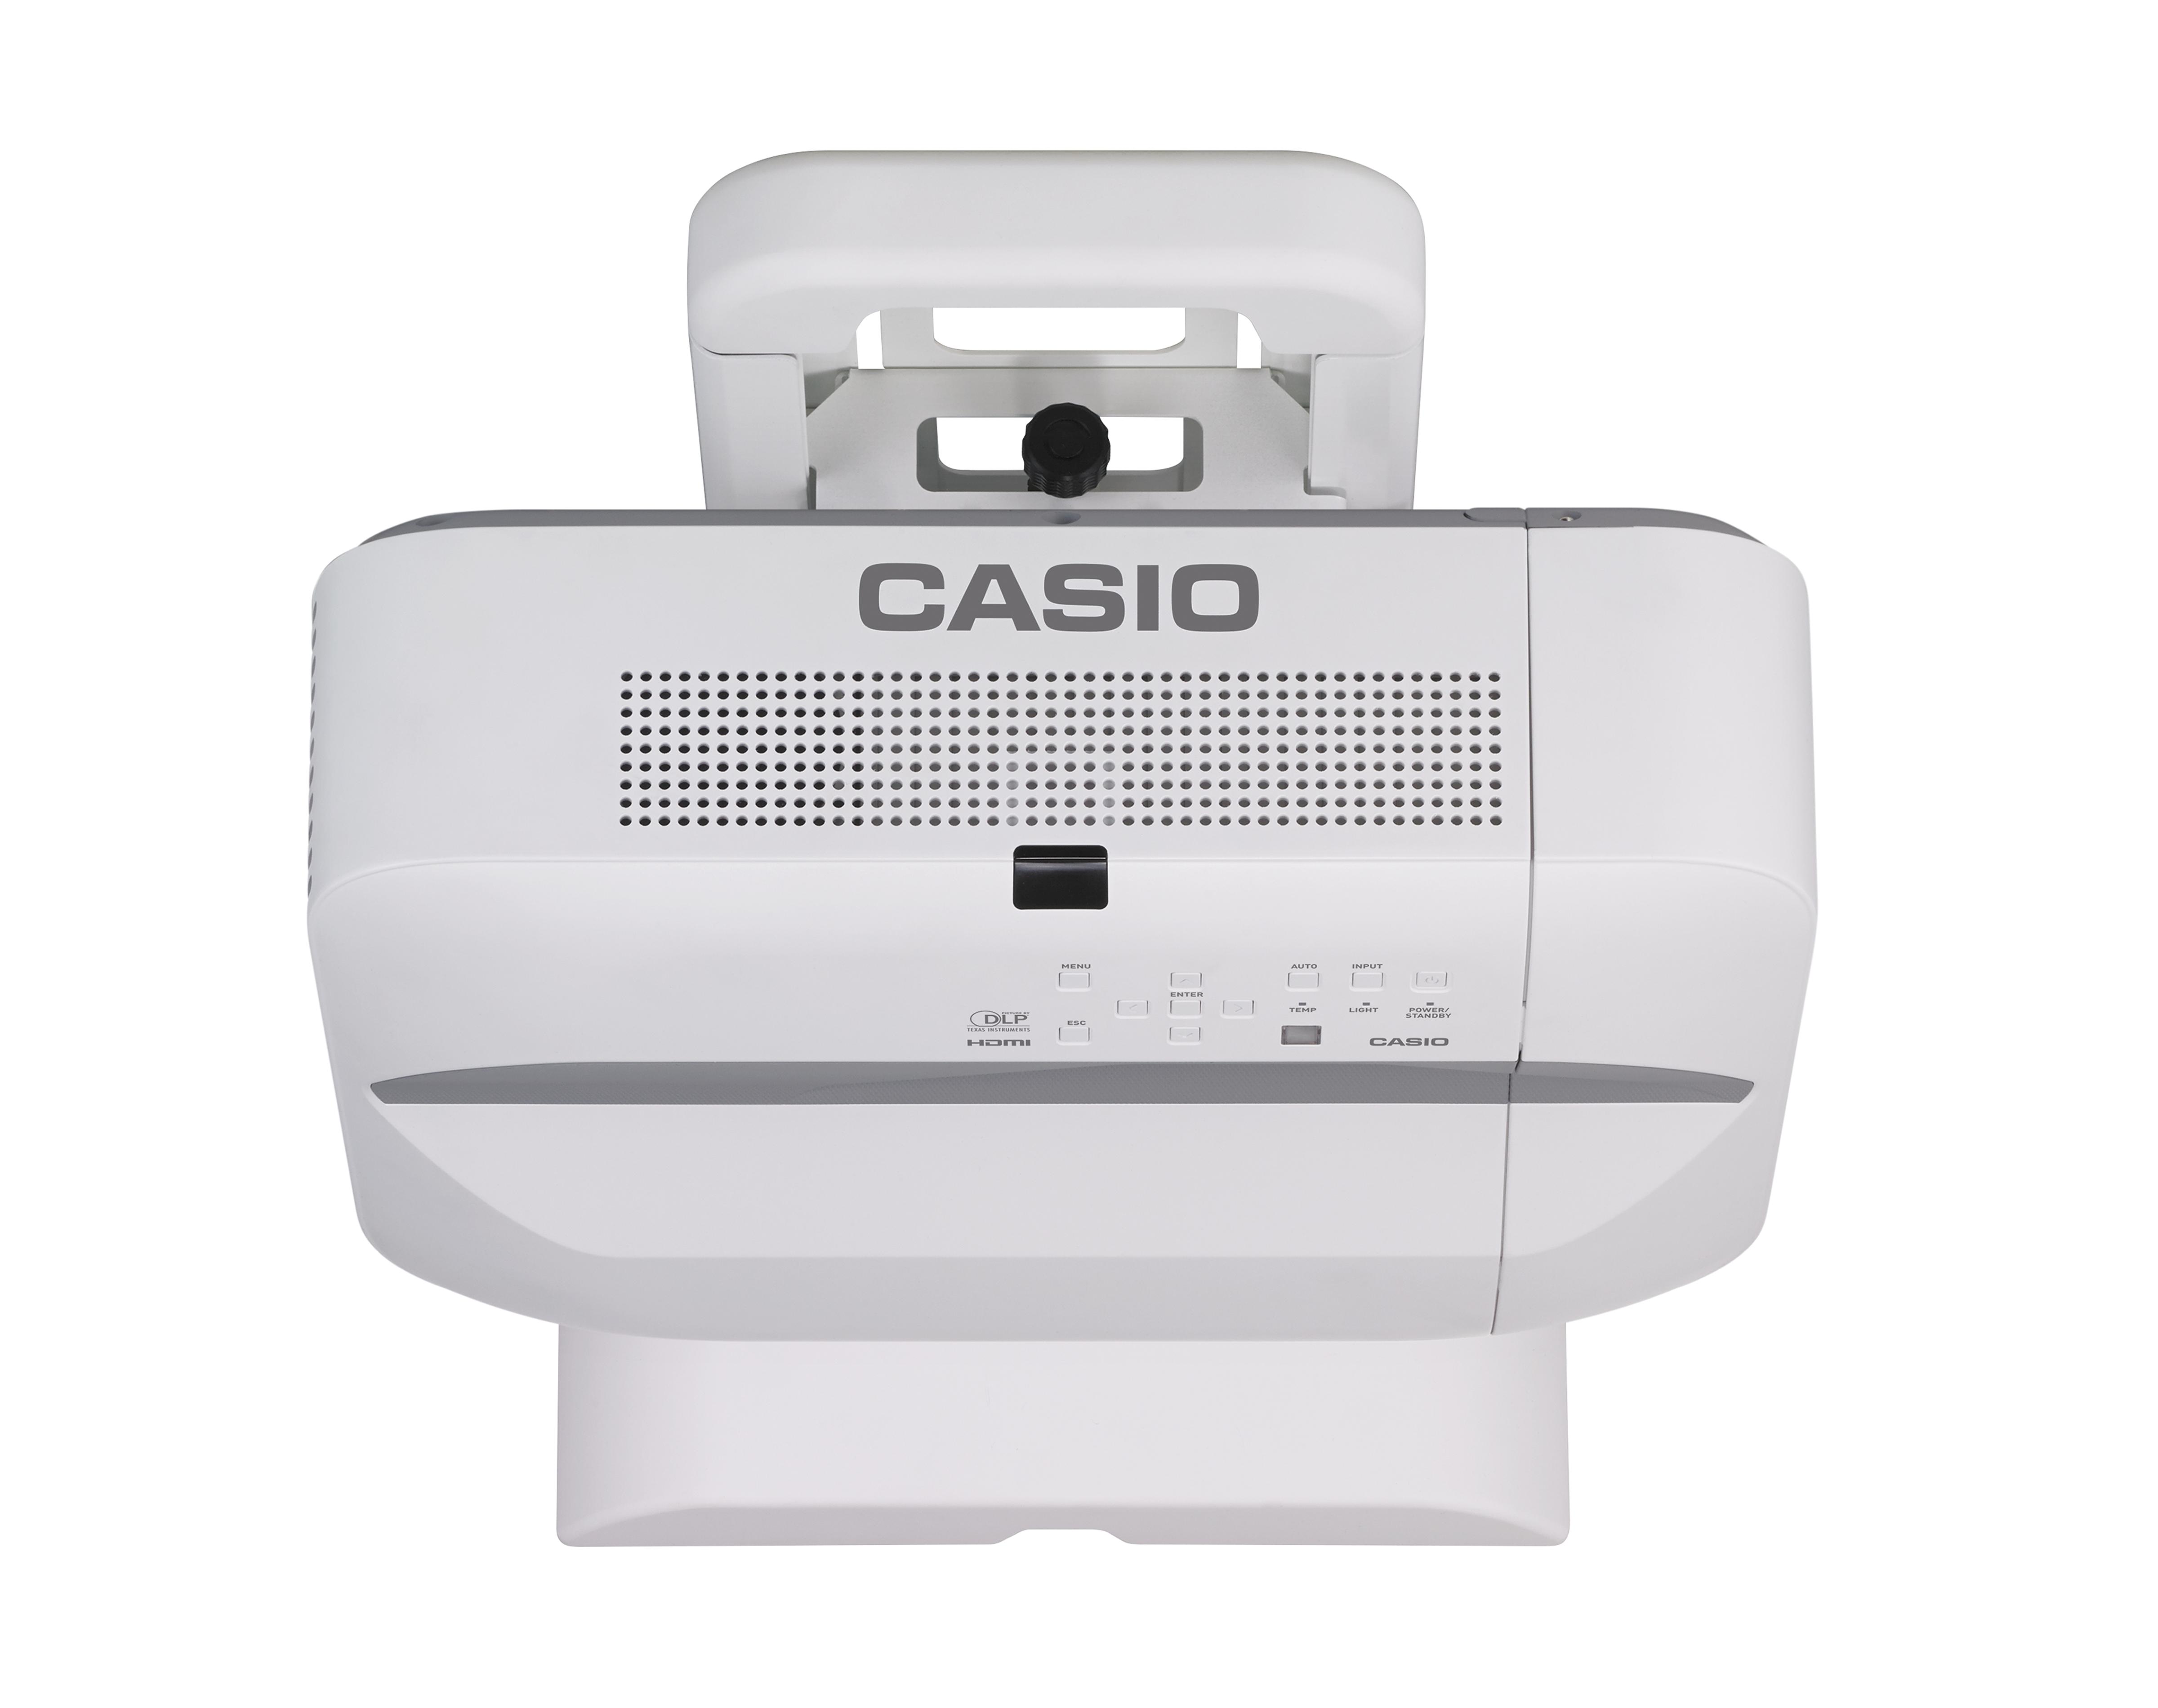 CASIO Projectors